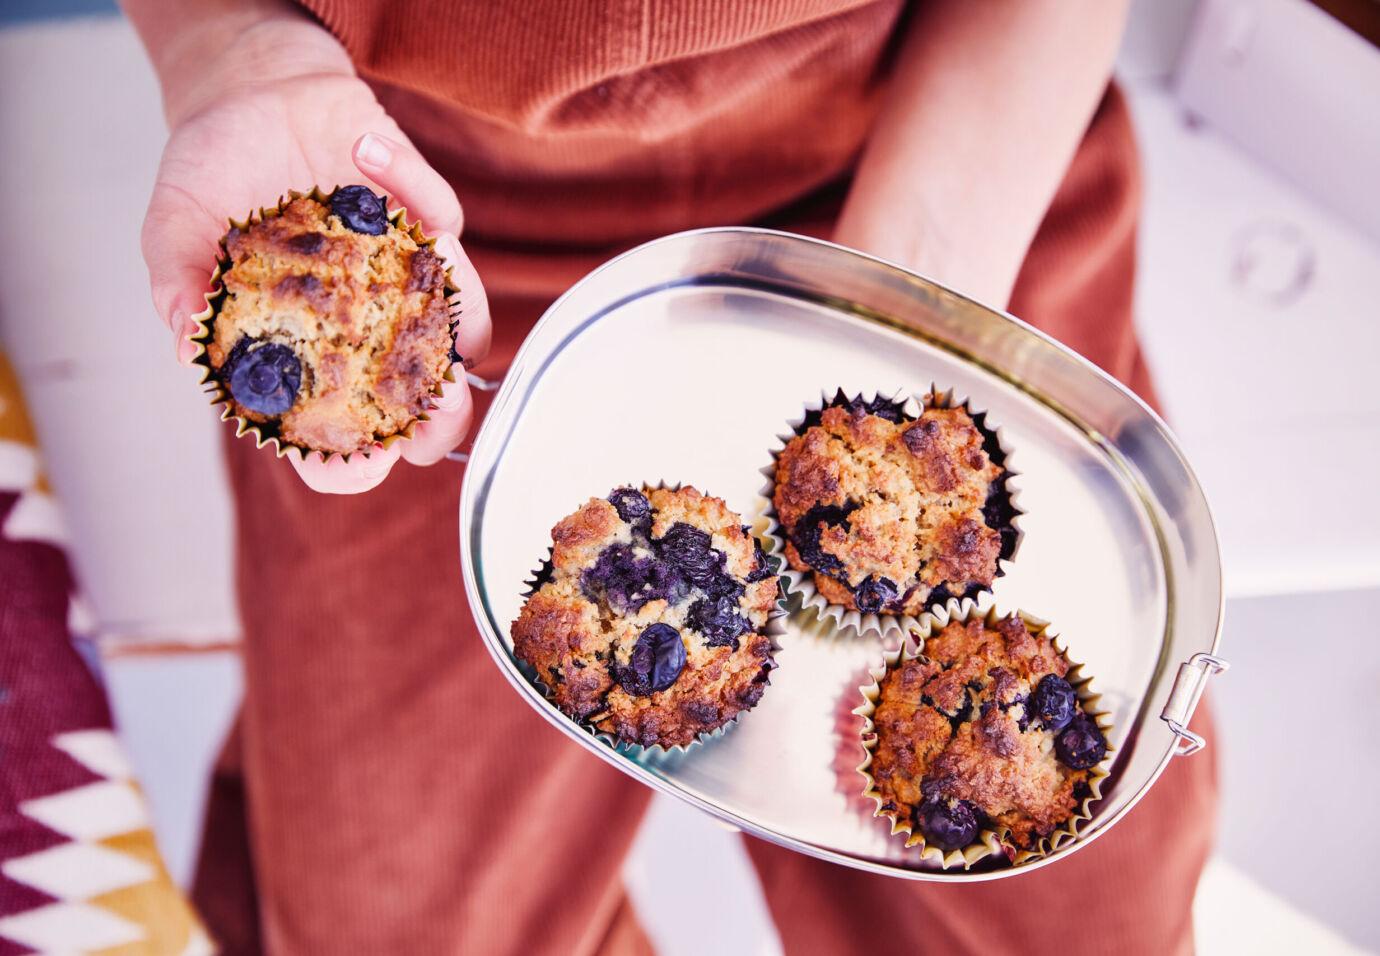 havermout-blauwe-bessen-cupcake-door-sofie-dumont-3